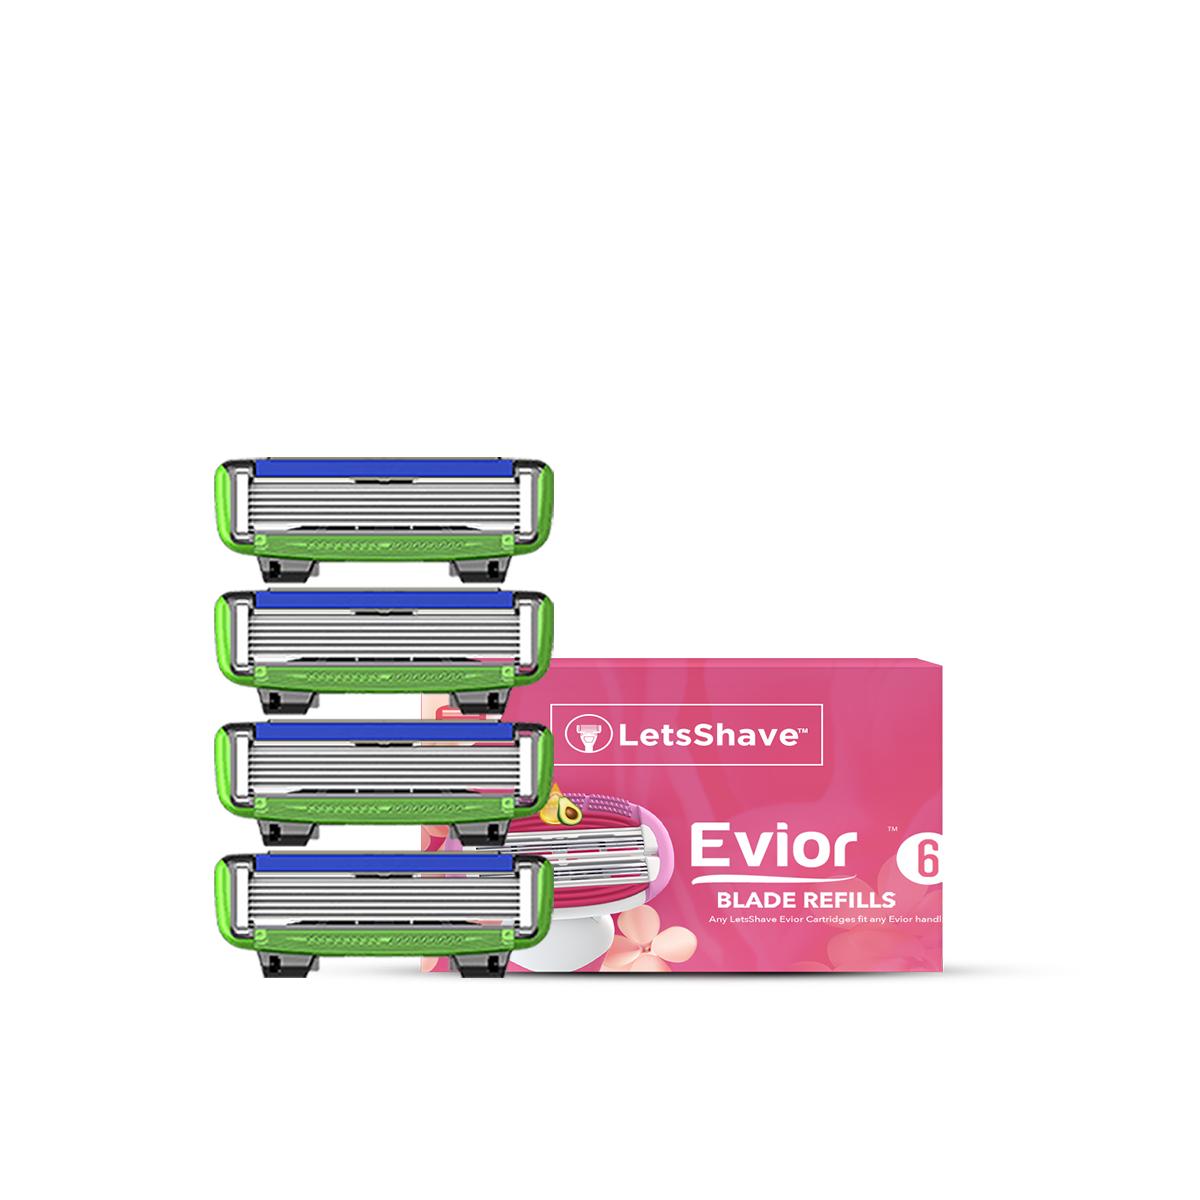 LetsShave | LetsShave Evior 6 Sensitive Blades for Women - Pack of 4 blades